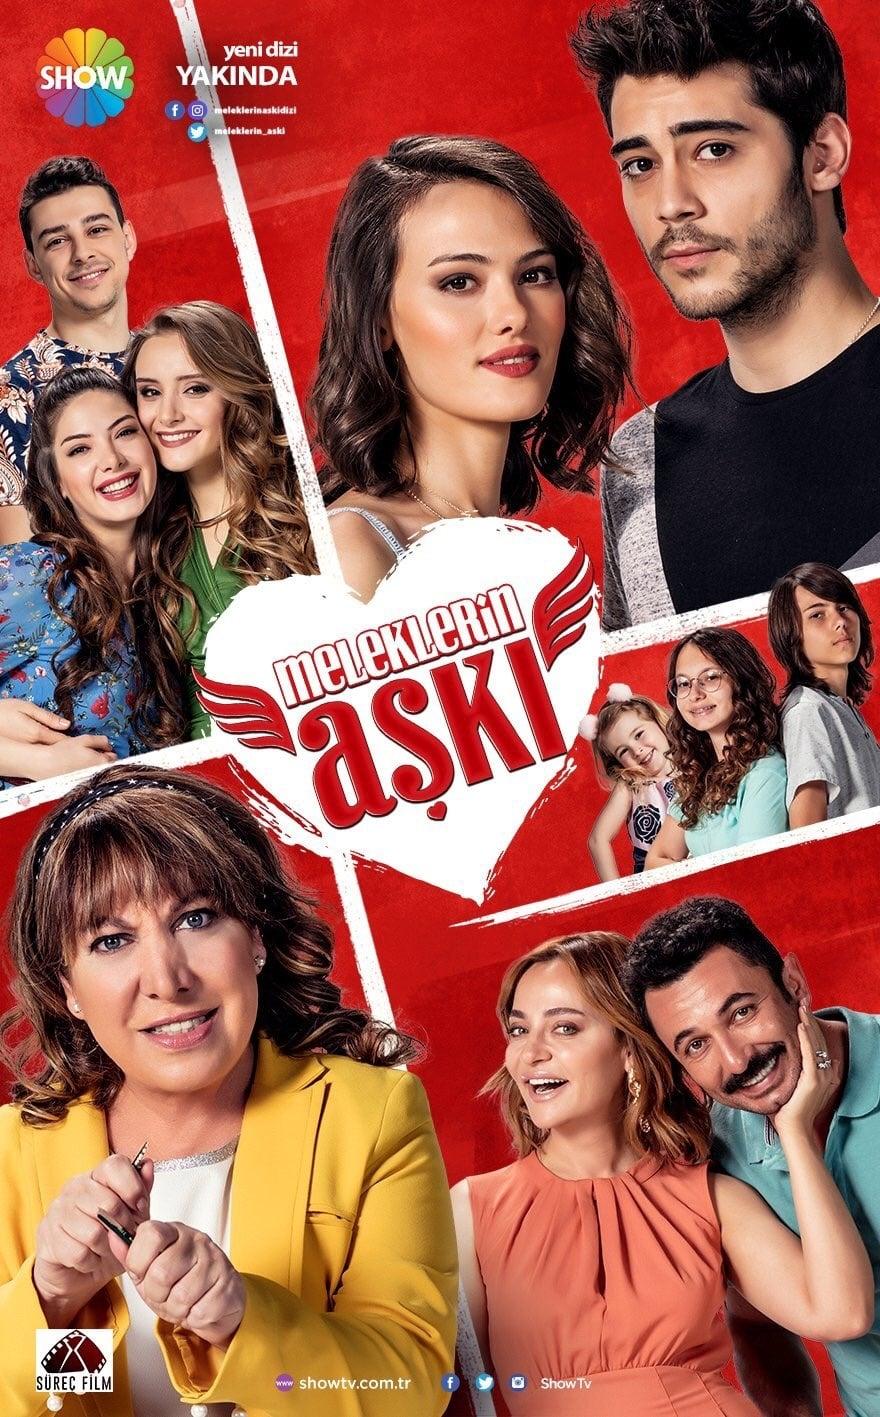 image for Meleklerin Aşkı